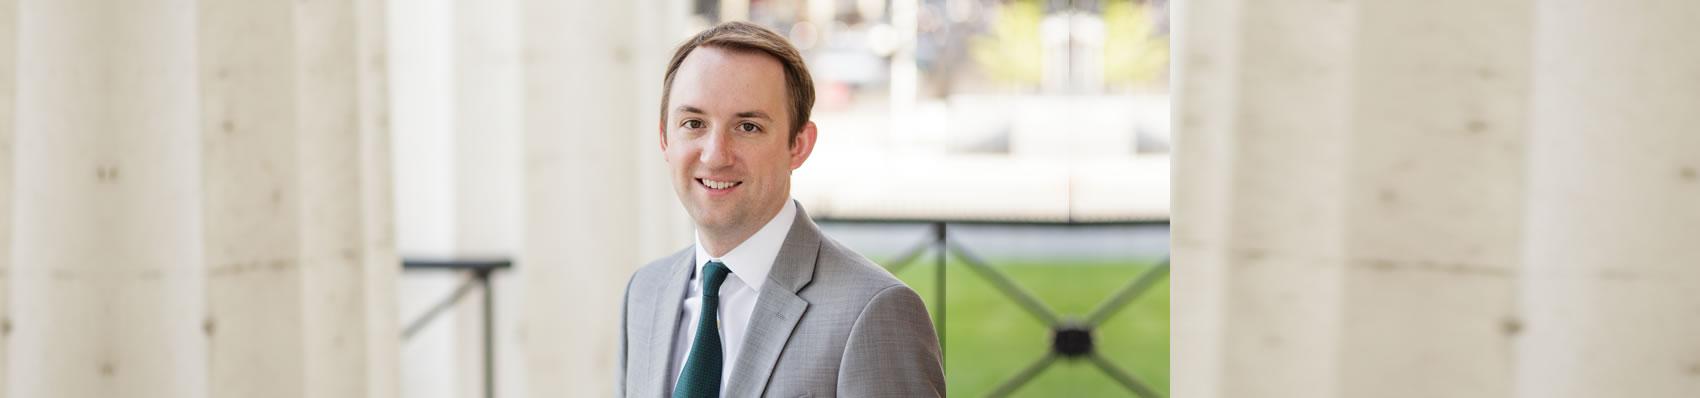 Brian Connolly – Civil Defense Attorney, Pitzer Snodgrass, P.C.